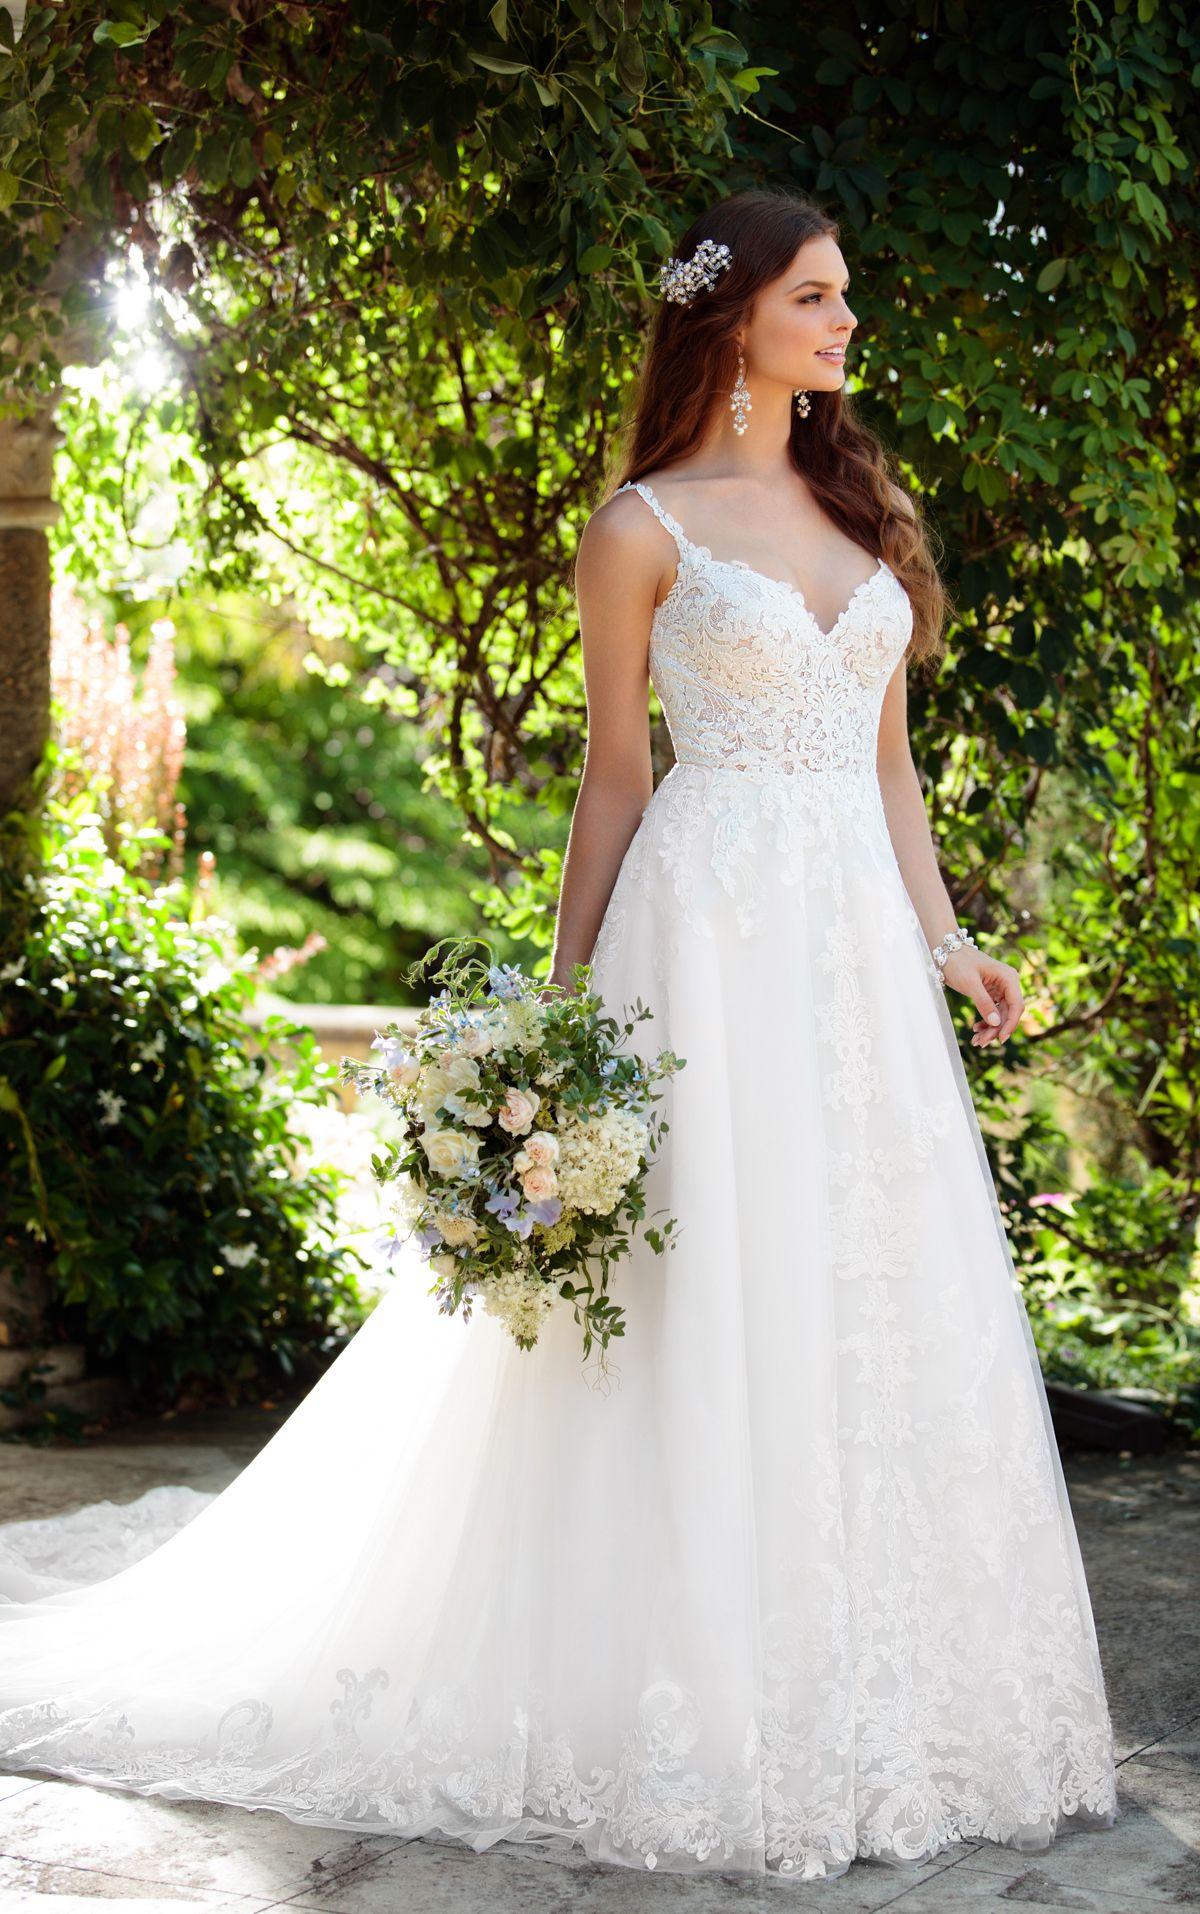 Romantisches Boho-Brautkleid Mit Schleppe Aus Spitze in